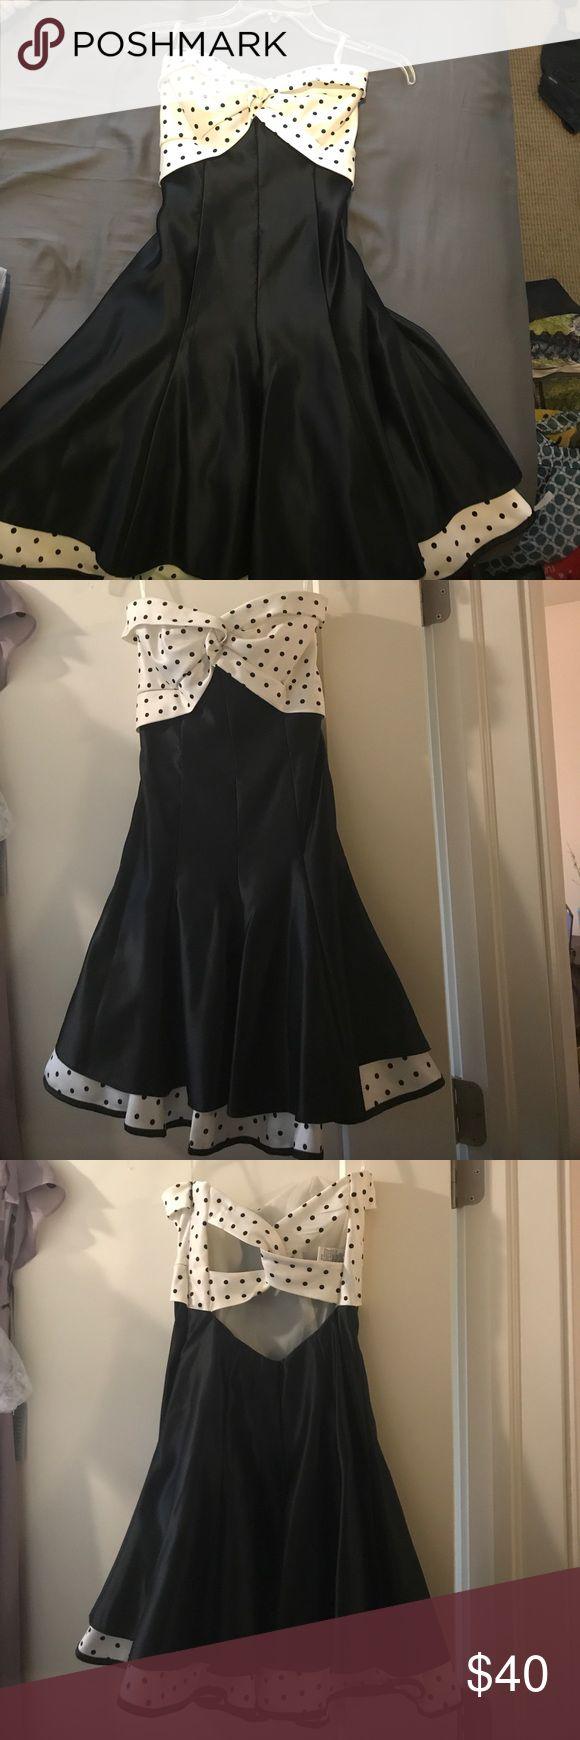 Jessica McClintock dress Worn once! Jessica McClintock dress. Strappy back! Jessica McClintock Dresses Prom